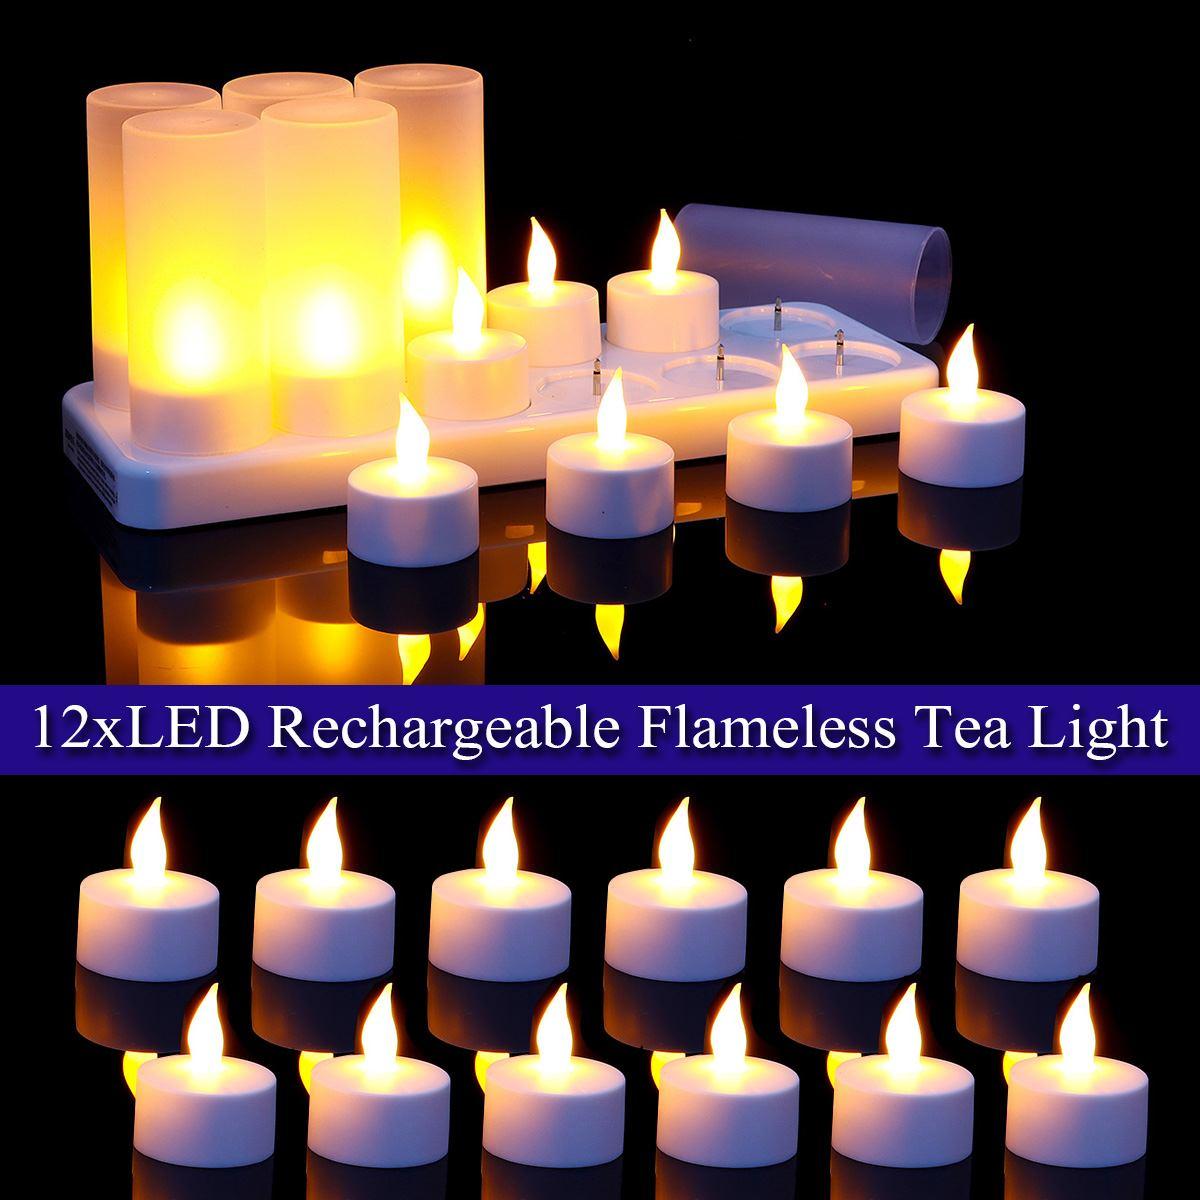 Avec prise AU 12 pièces LED Rechargeable bougie lampe flamme clignotant thé lumière maison mariage fête d'anniversaire décoration 220V